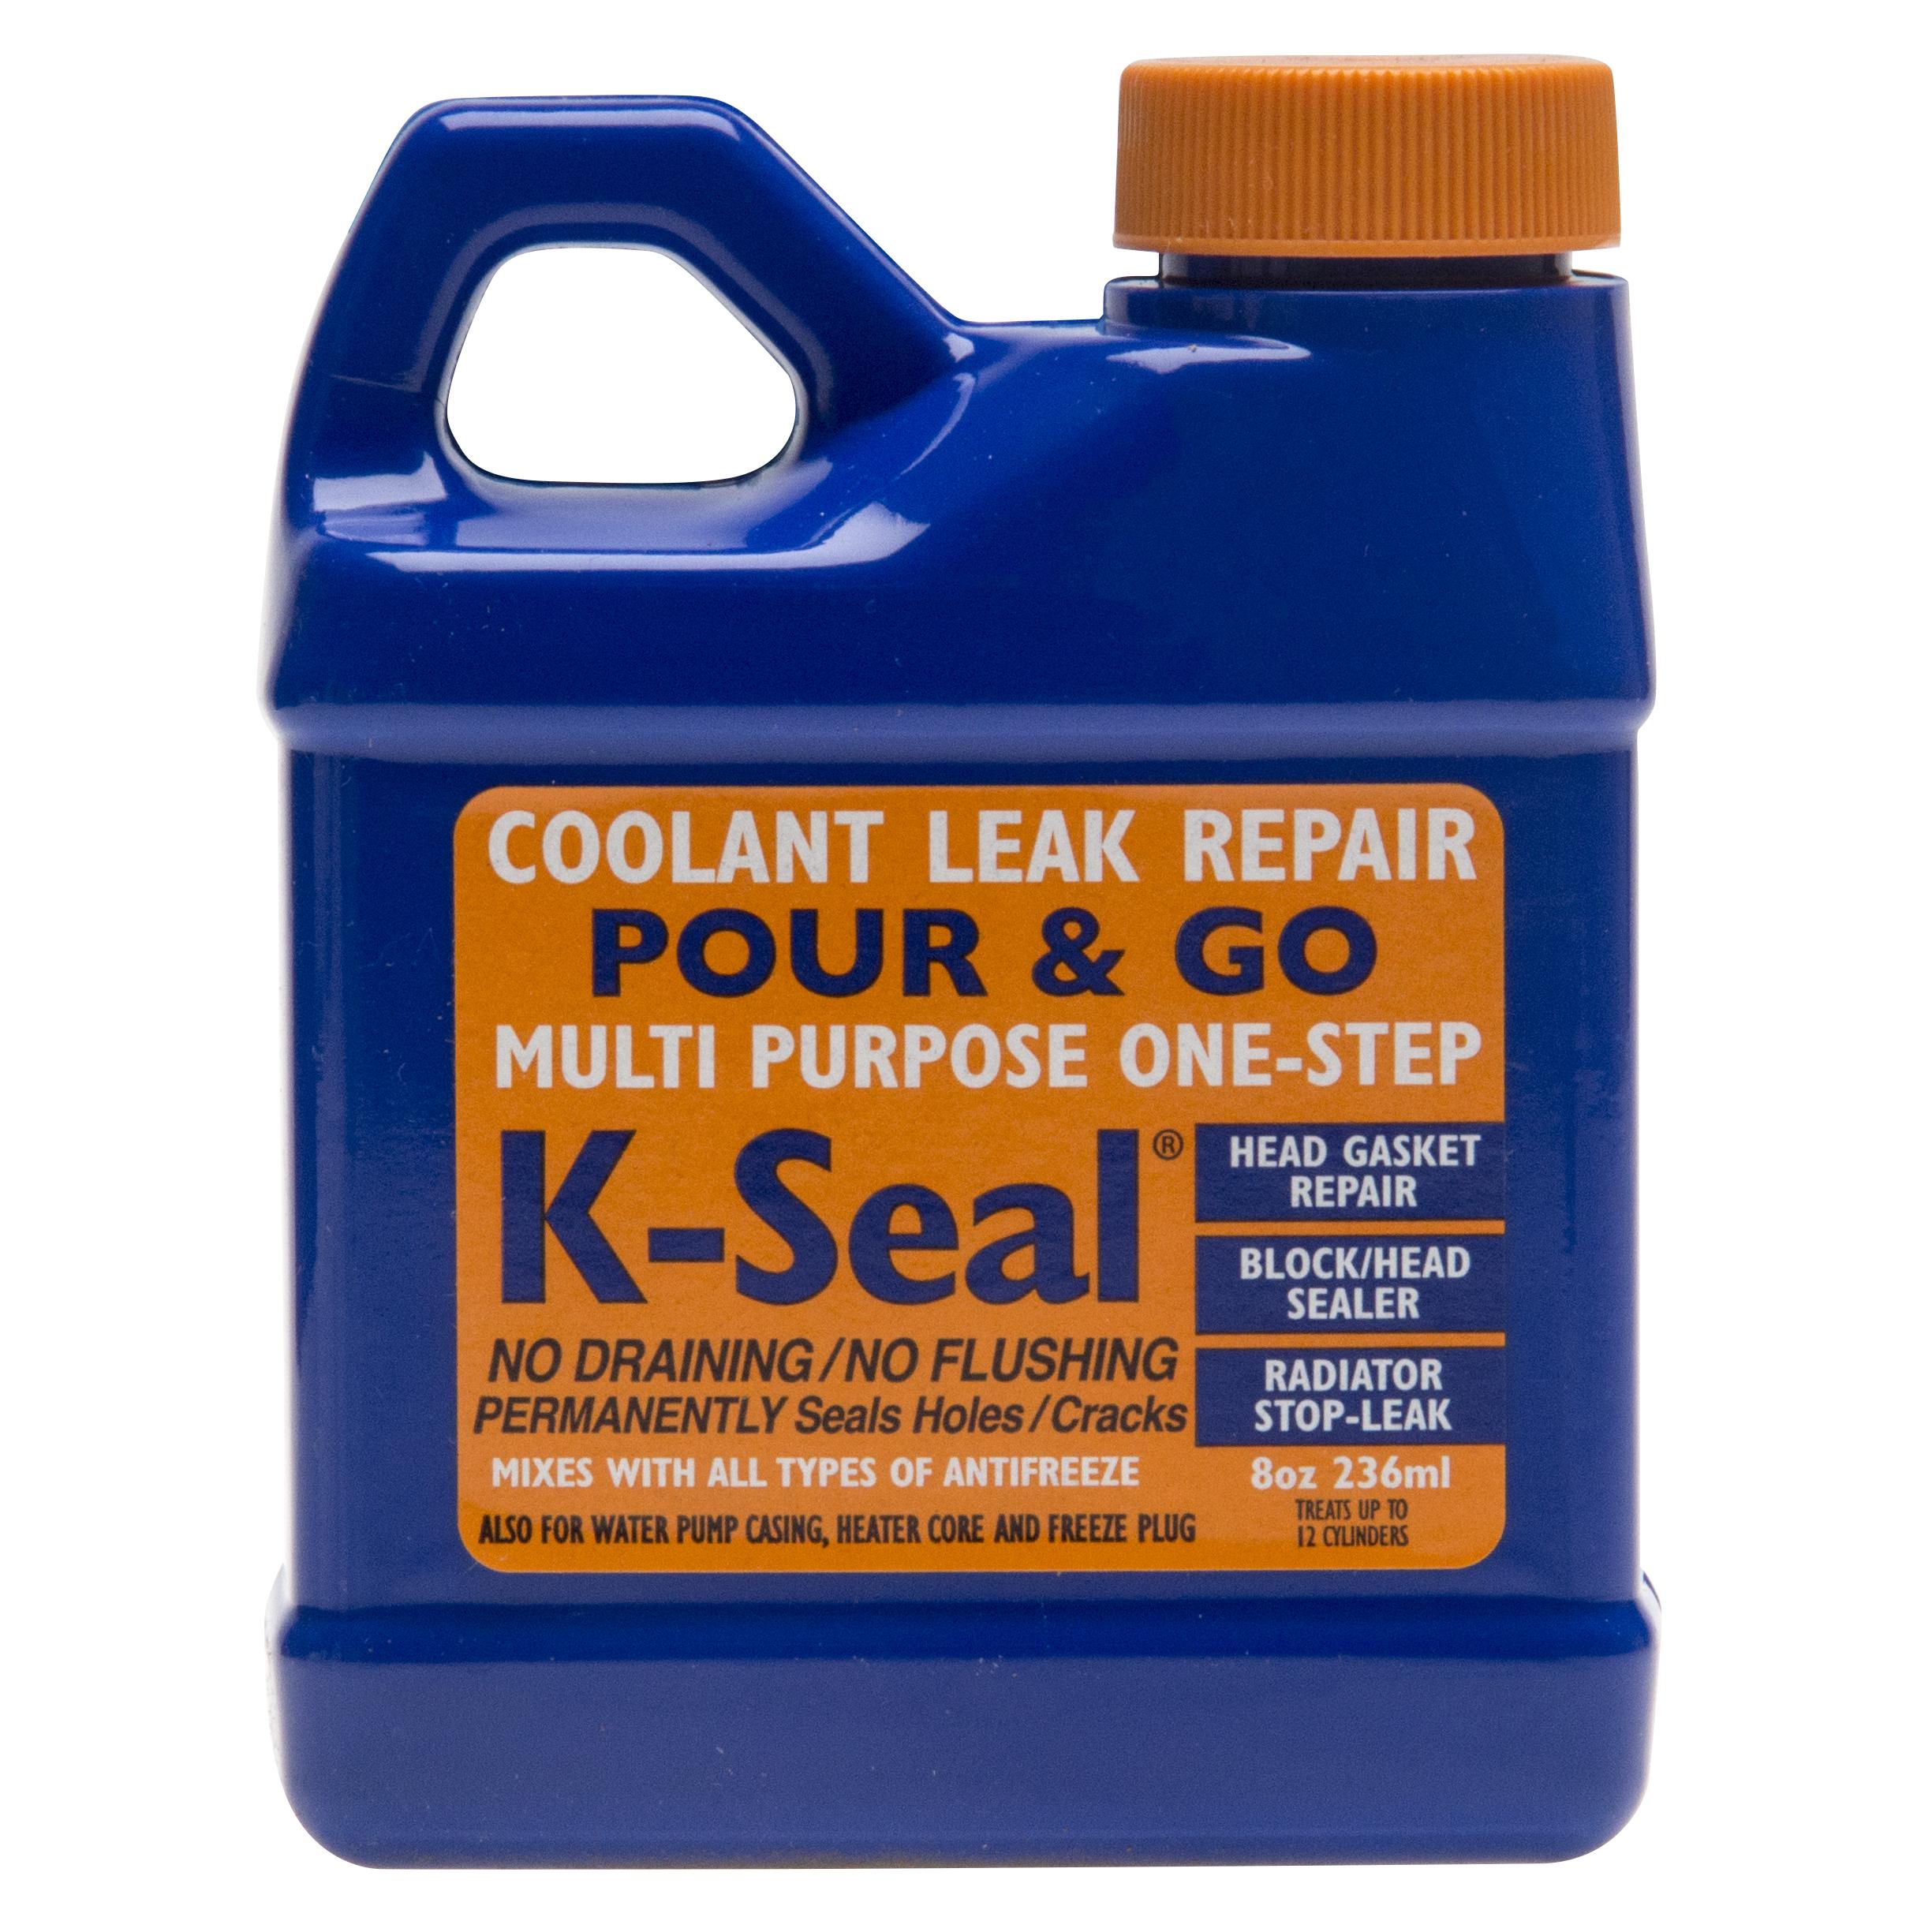 Pictures of K Seal Radiator Repair